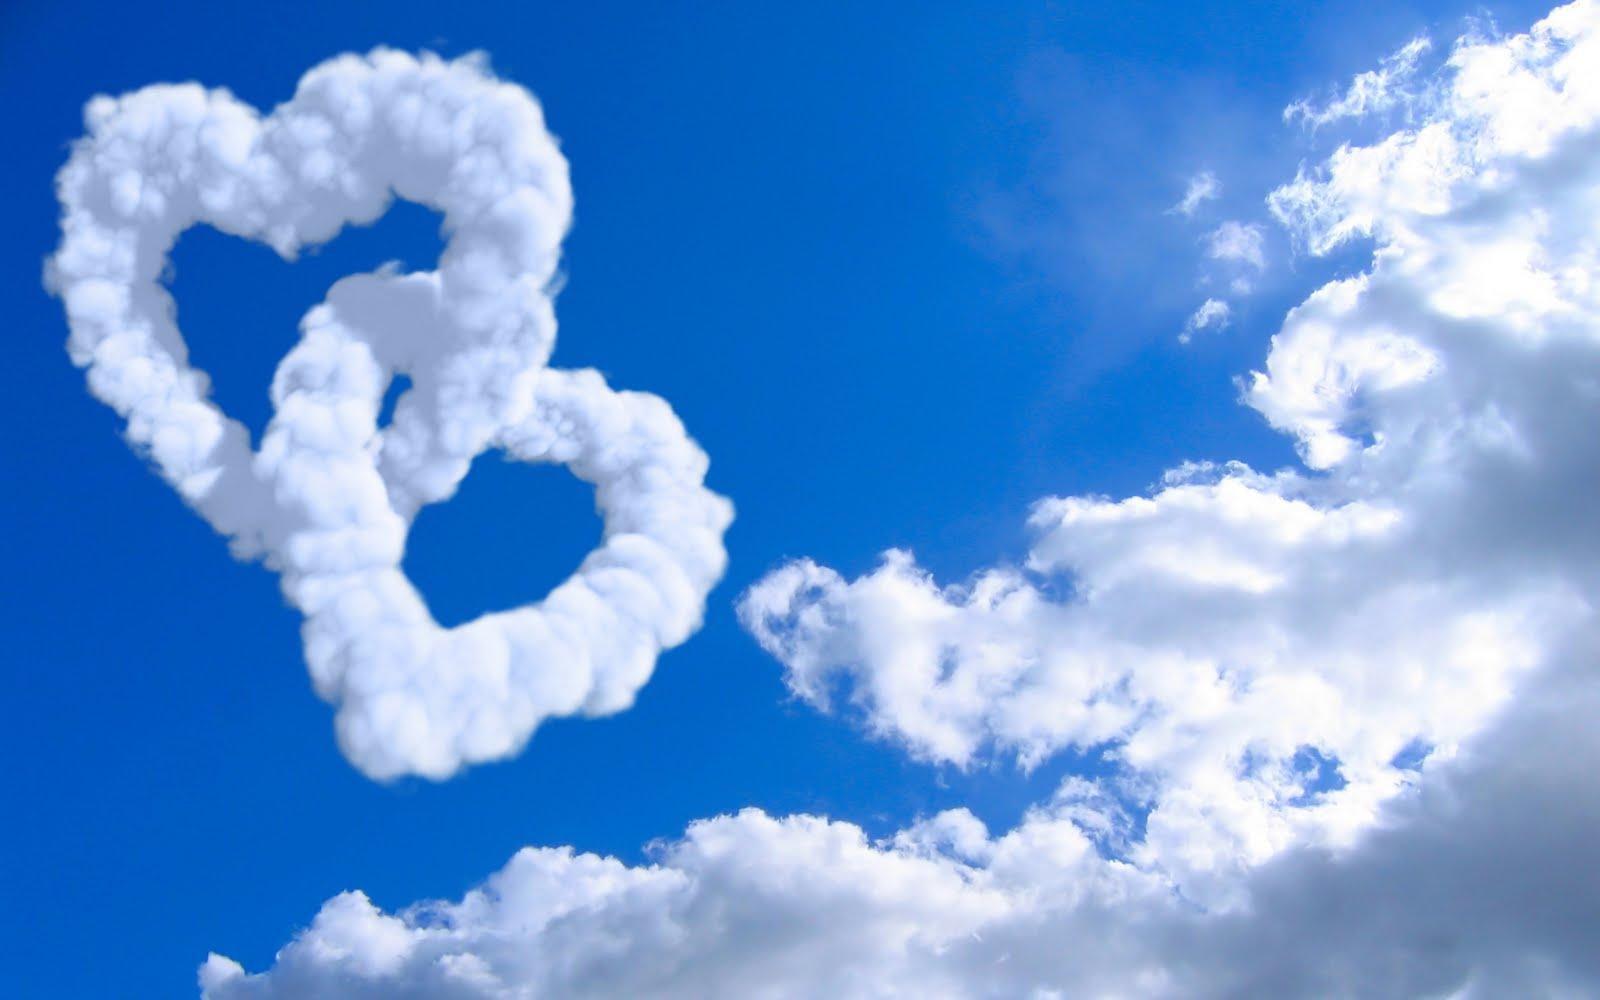 http://3.bp.blogspot.com/-LLswB5wPPUw/TlvdUWnE7TI/AAAAAAAAAis/b5JZ2kvc6js/s1600/Cloud-Endless-Love-Wallpaper.jpg